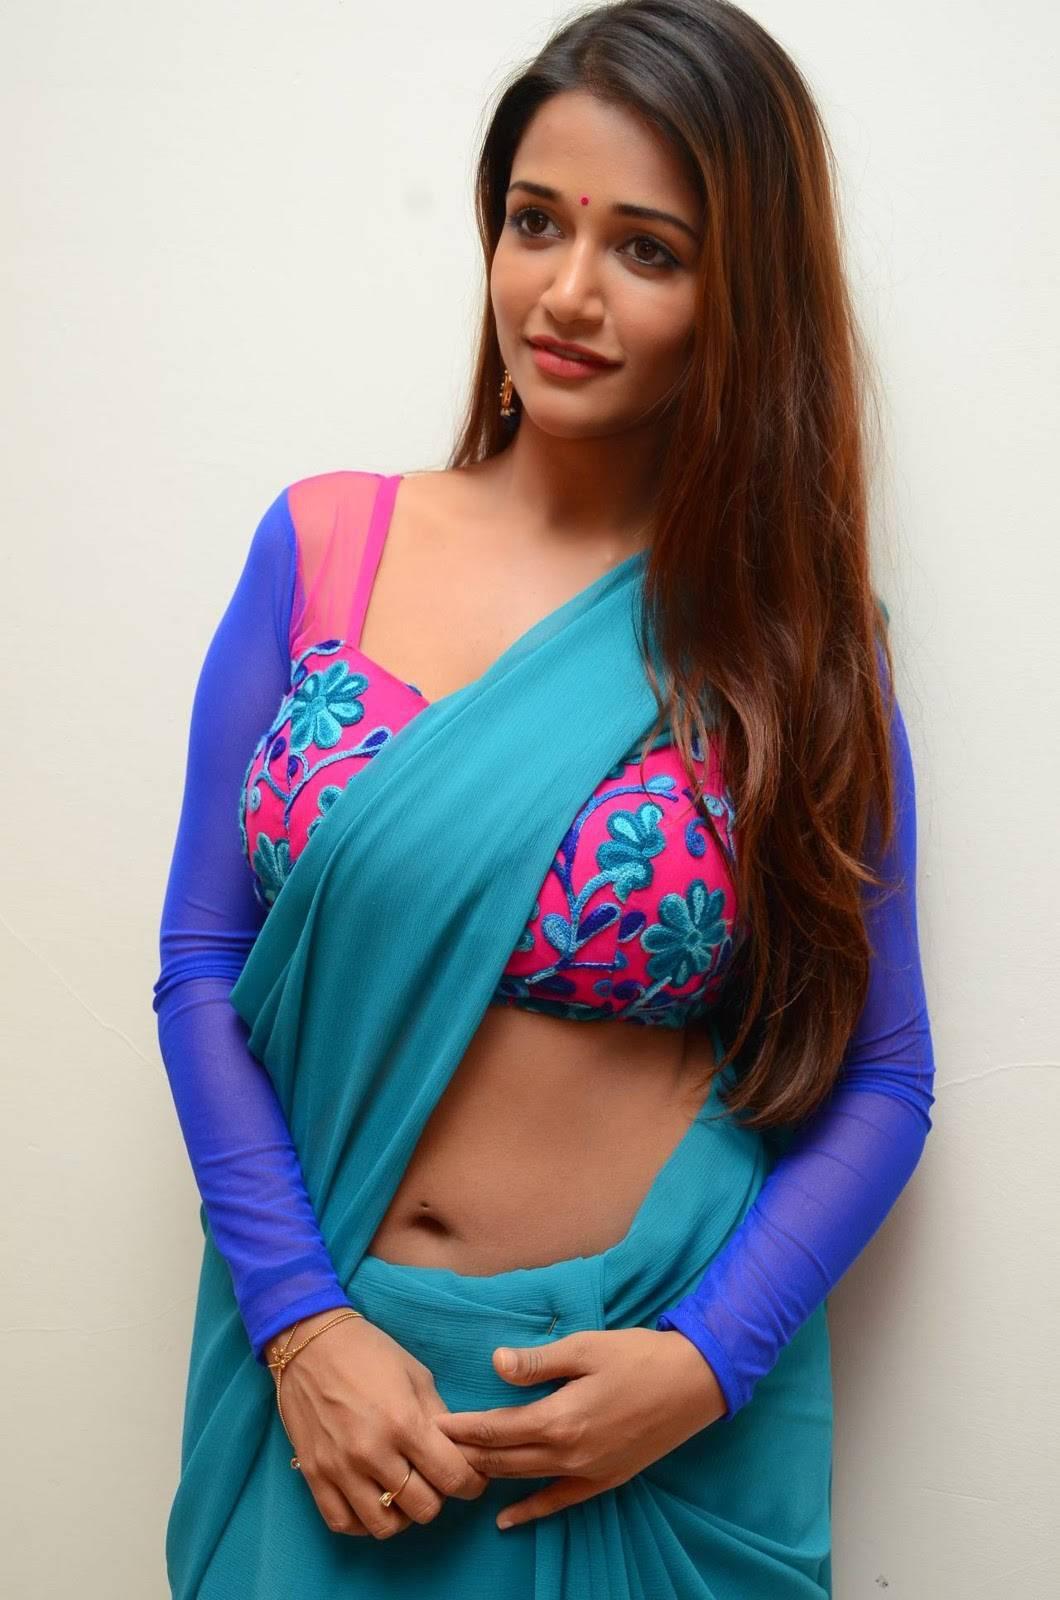 Anaika soti blue saree photoshoot pics